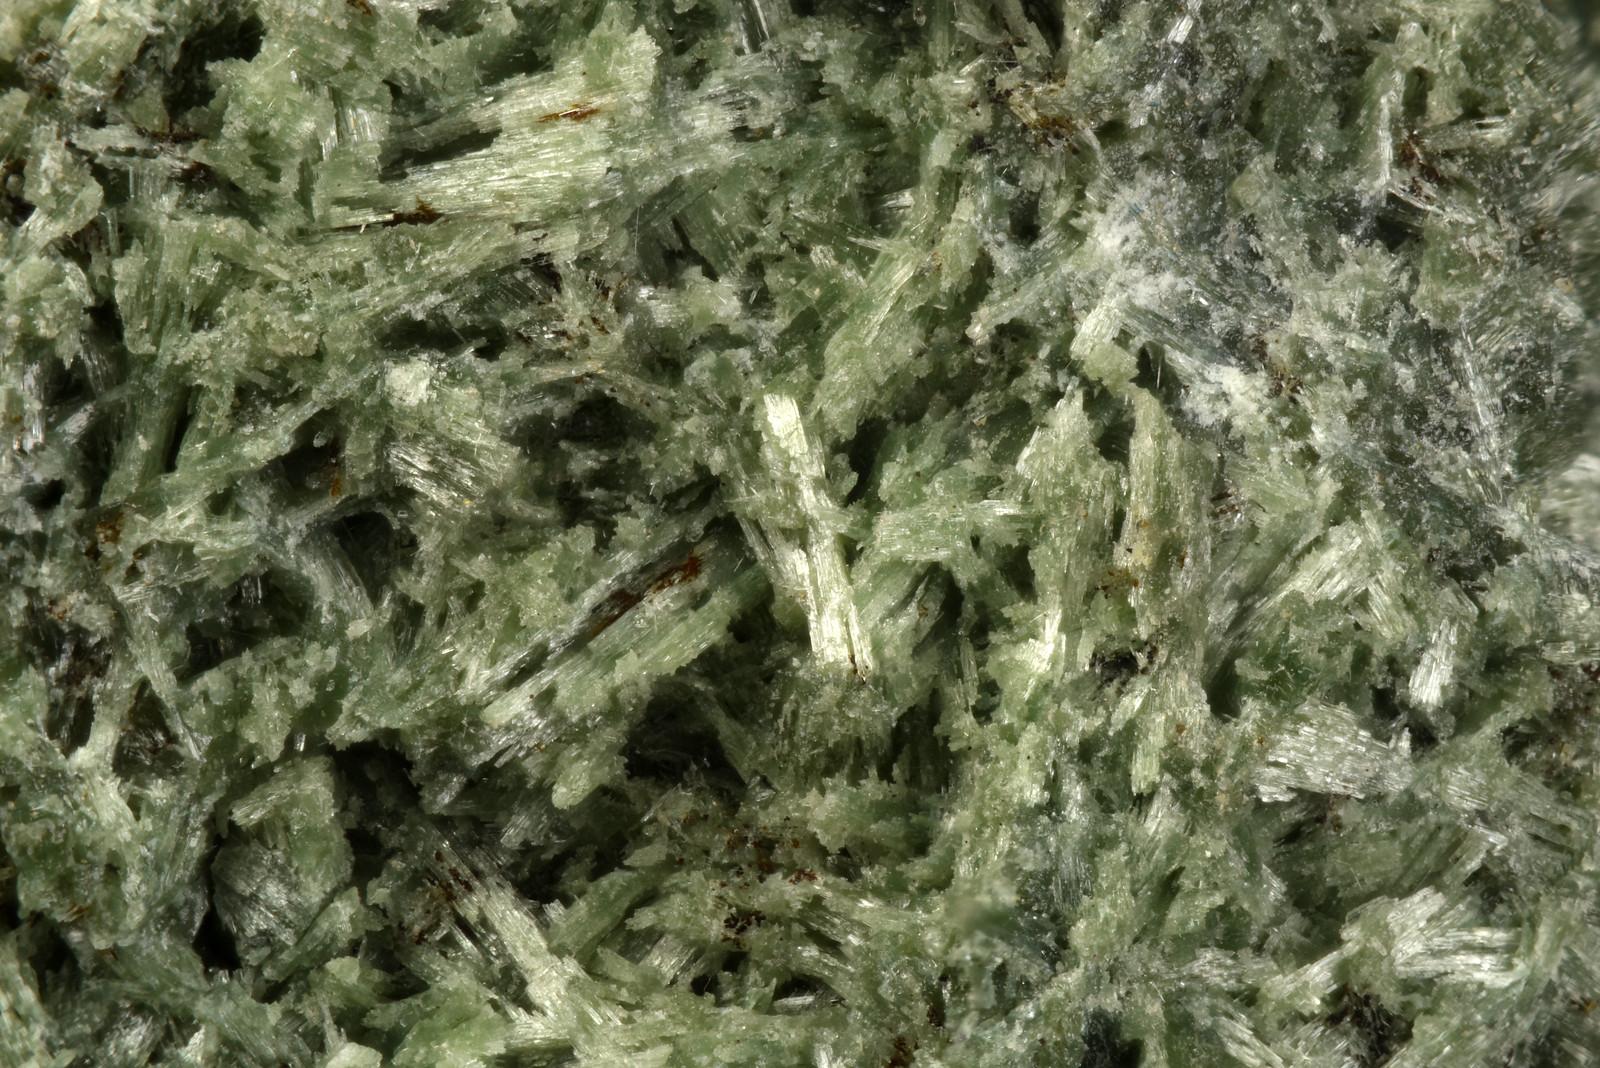 アルミノパンペリー石 / Pumpellyite-(Al)